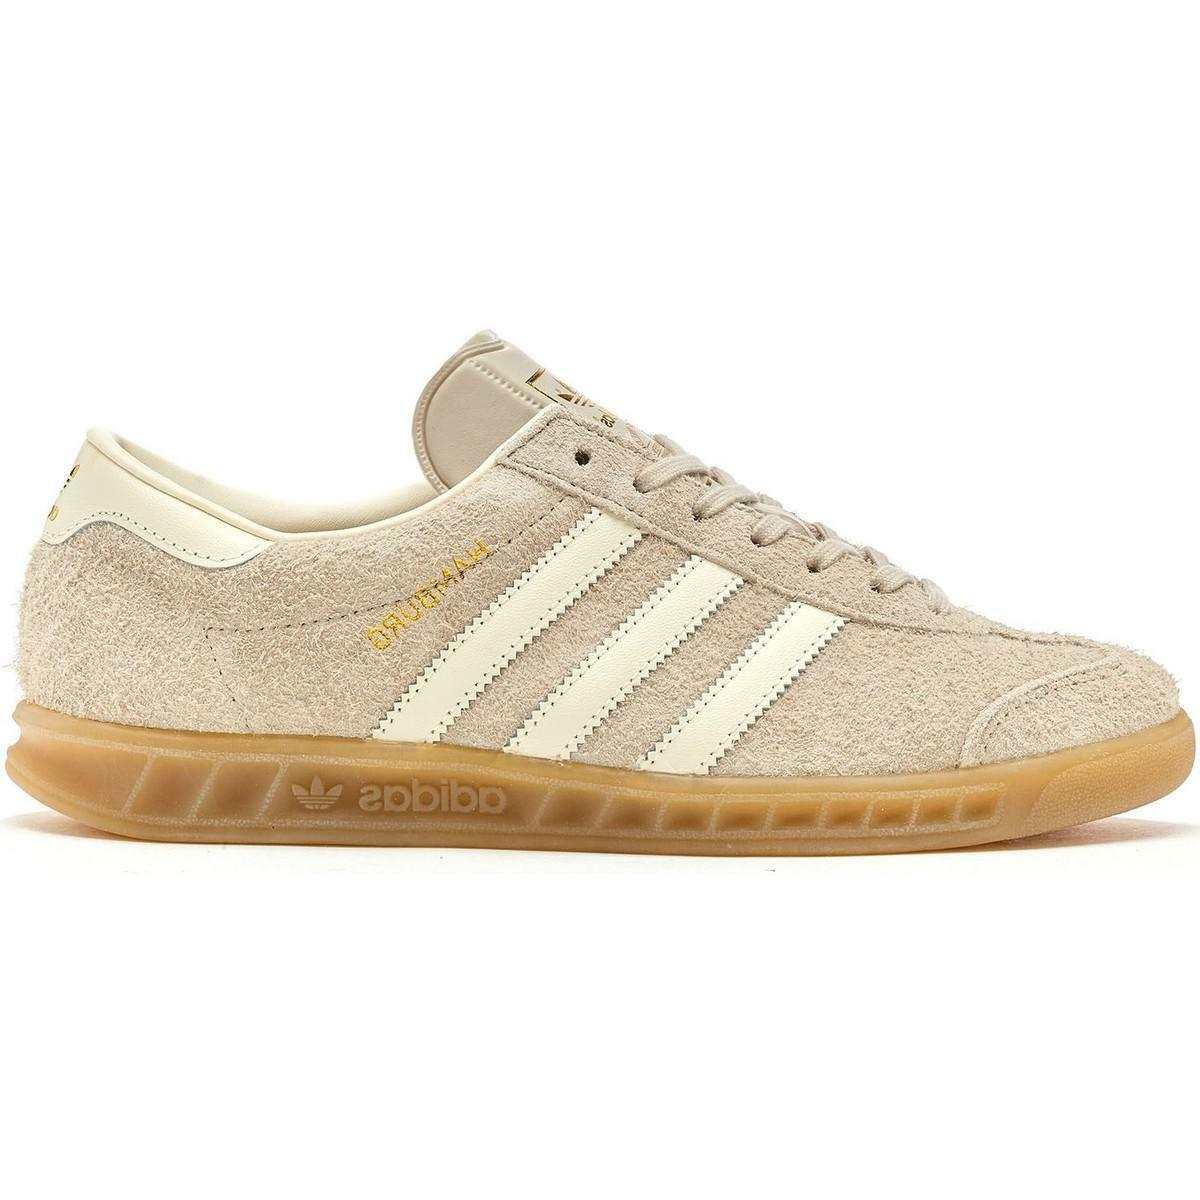 Mujer señoras Adidas Hamburgo Zapatillas & Zapatos bb5110 & Zapatillas by9674 todos los tamaños 1c292a